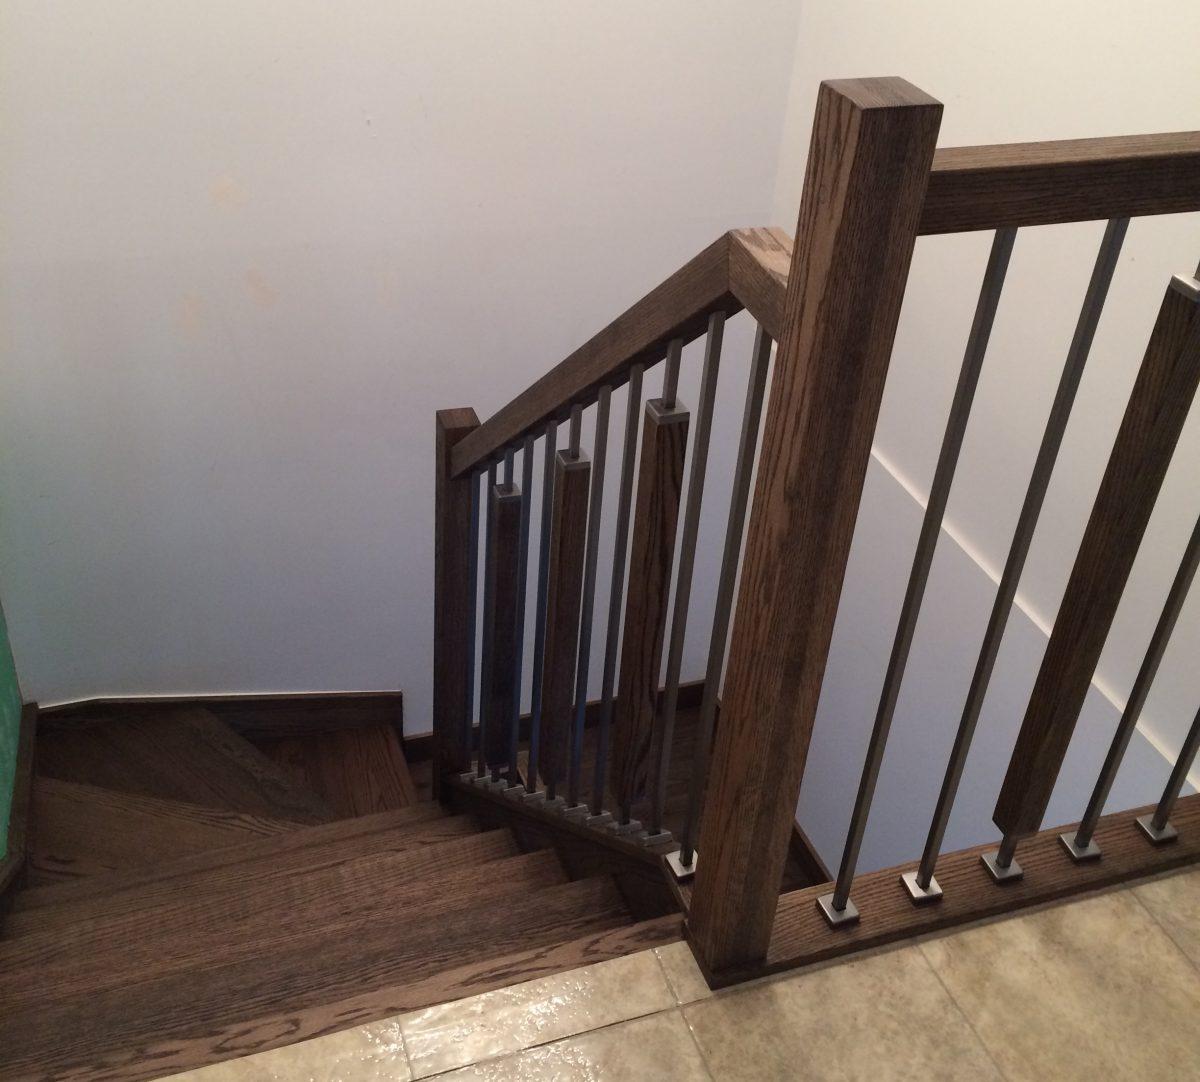 Escaliers 14 | Les Escaliers du Fjord